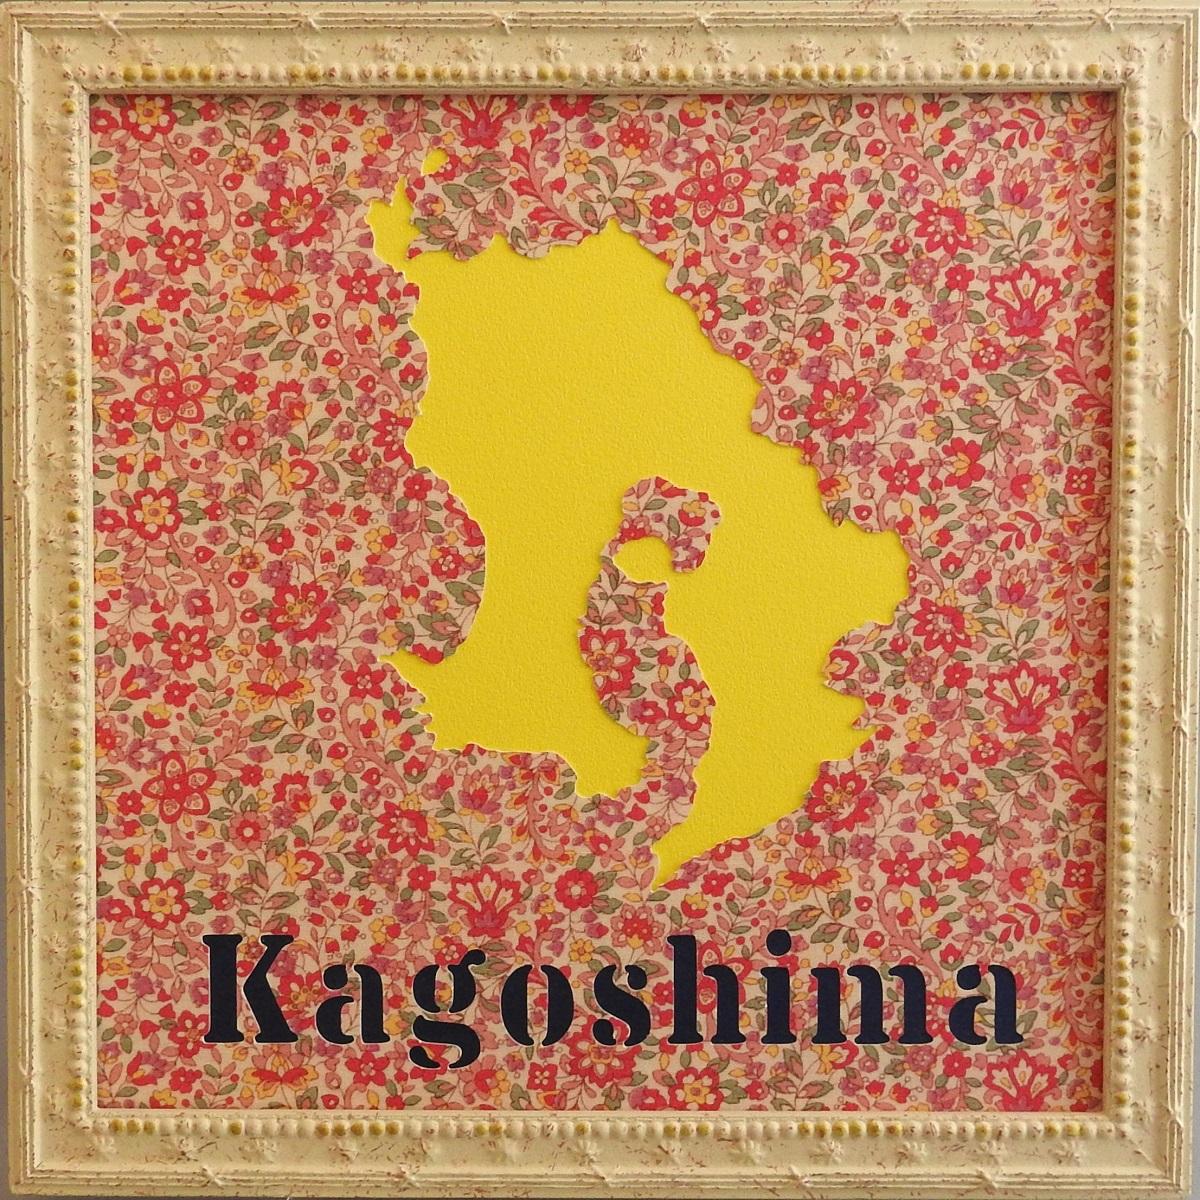 鹿児島県切り絵マップアートインテリアフレームオリジナル地図壁飾り220mm正方形一点もの故郷思い出かつお節の生産量日本一!